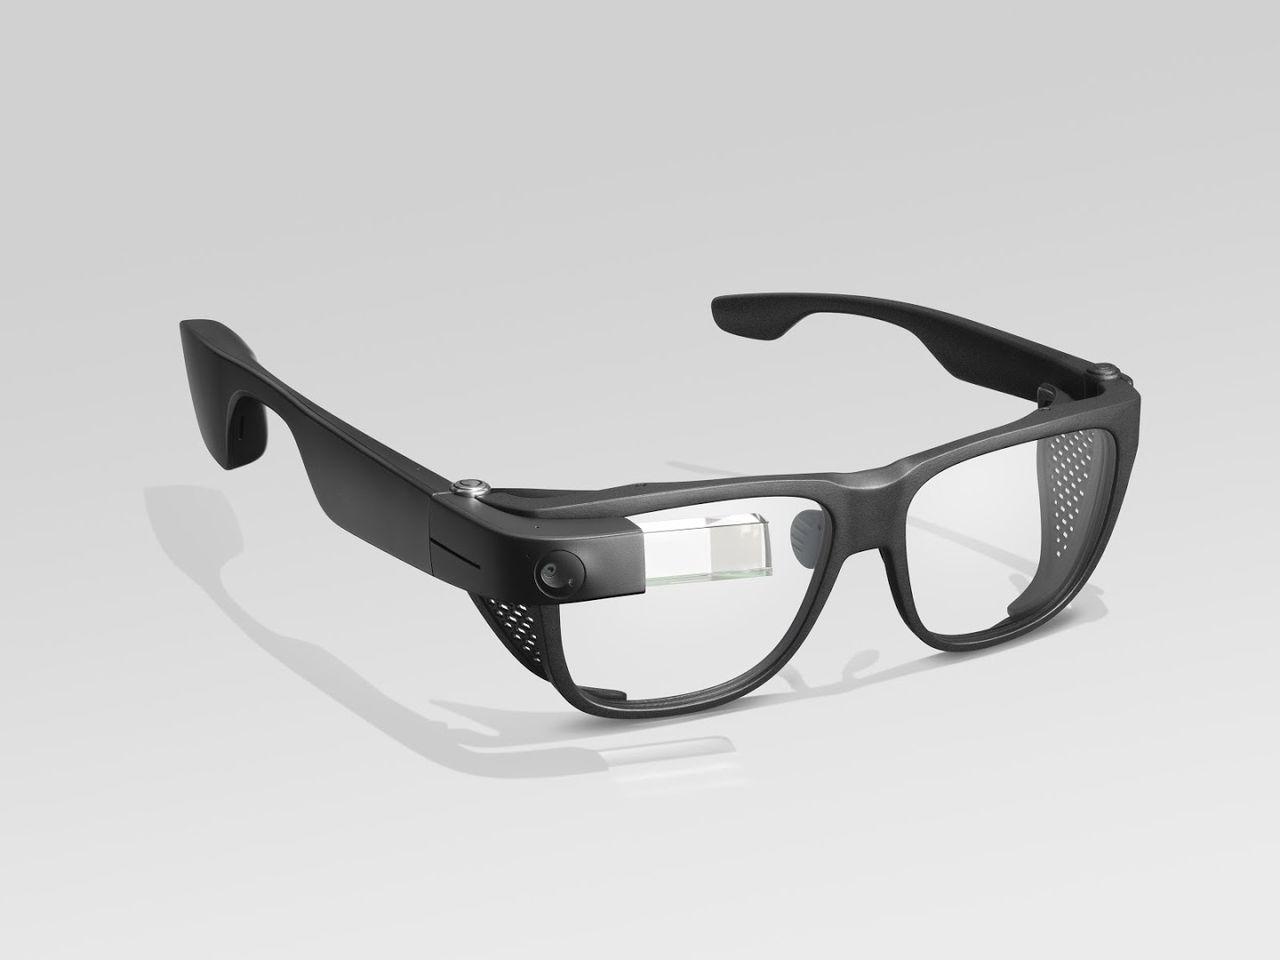 Foxconn ryktas ha börjat göra AR-linser till Apple